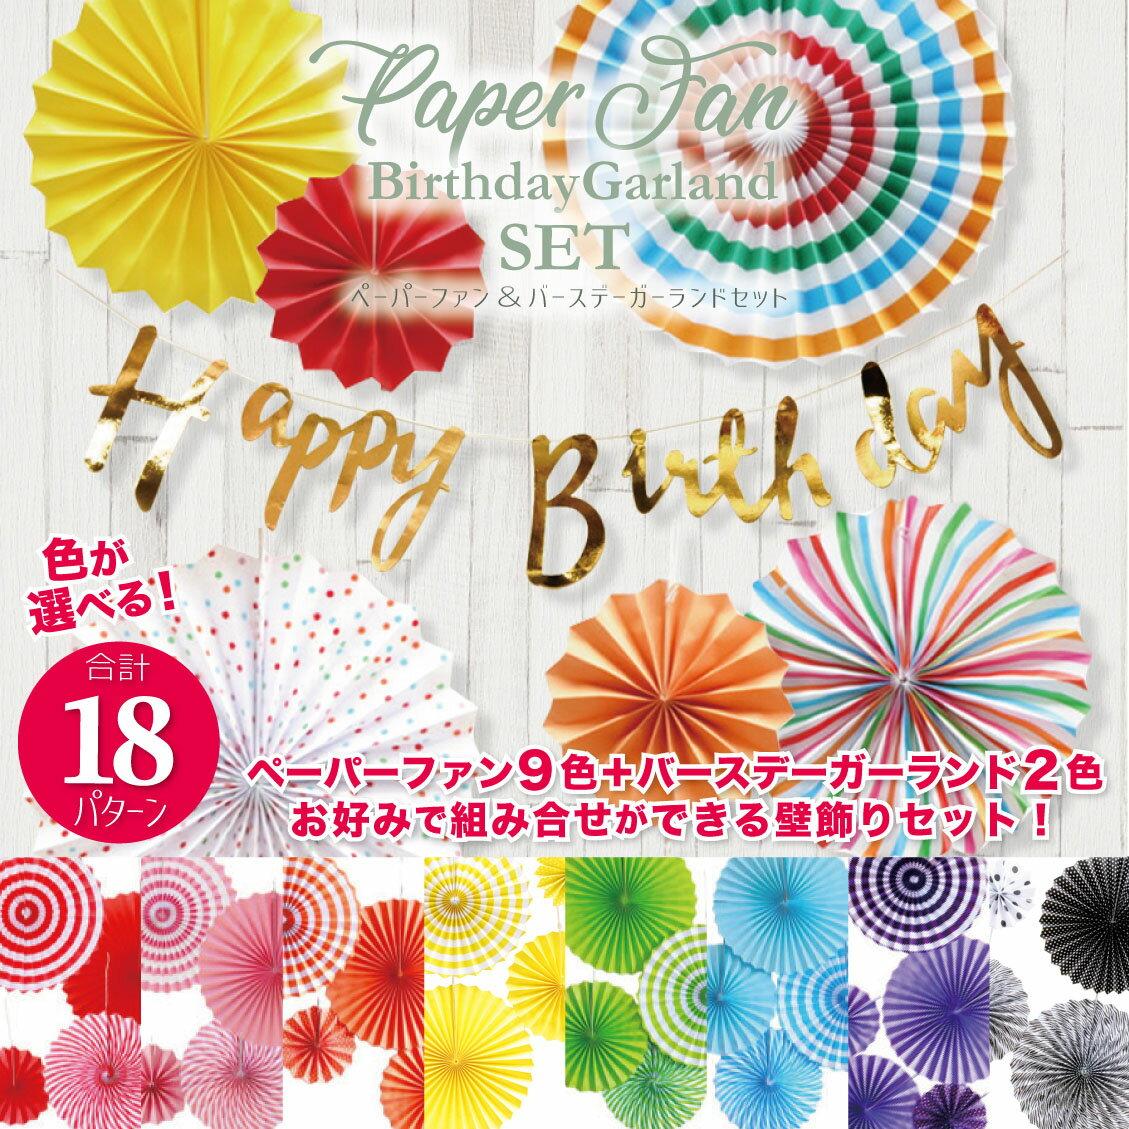 誕生日 パーティー 飾り ガーランド セット ペーパーファン 風船 バルーン バースデー セット 数字 1歳 男 女 飾り付け HAPPYBIRTHDAY パーティーグッズ